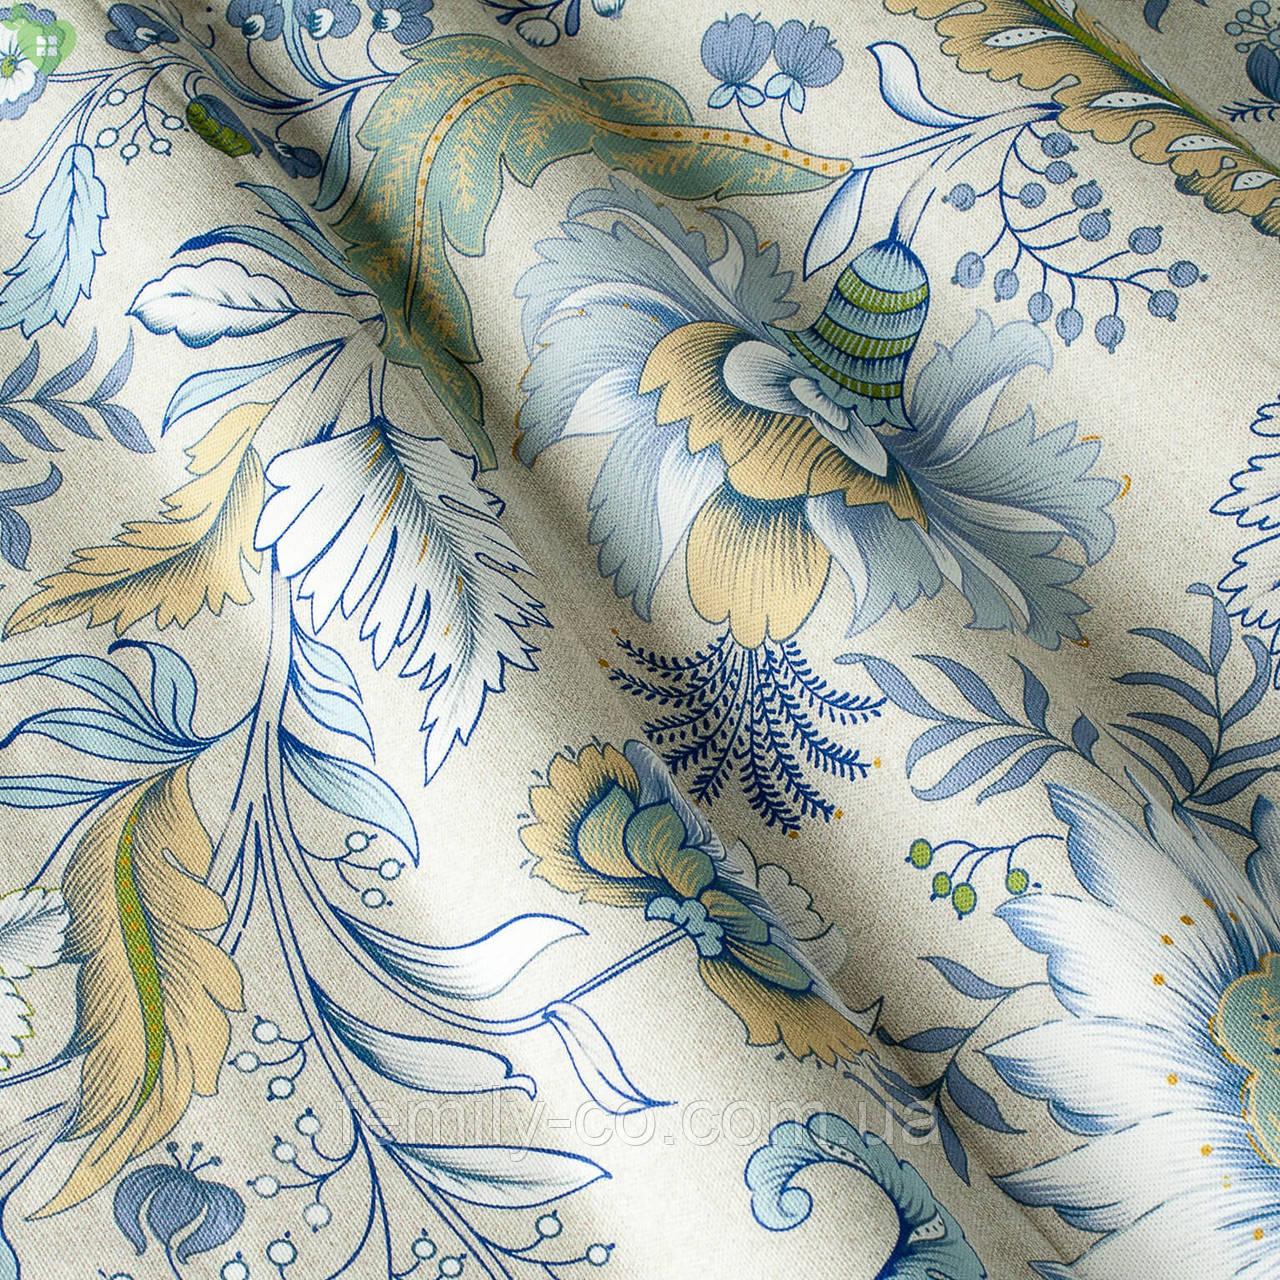 Декоративная ткань с тропическими растениями голубого и зеленого цвета Испания 82672v1